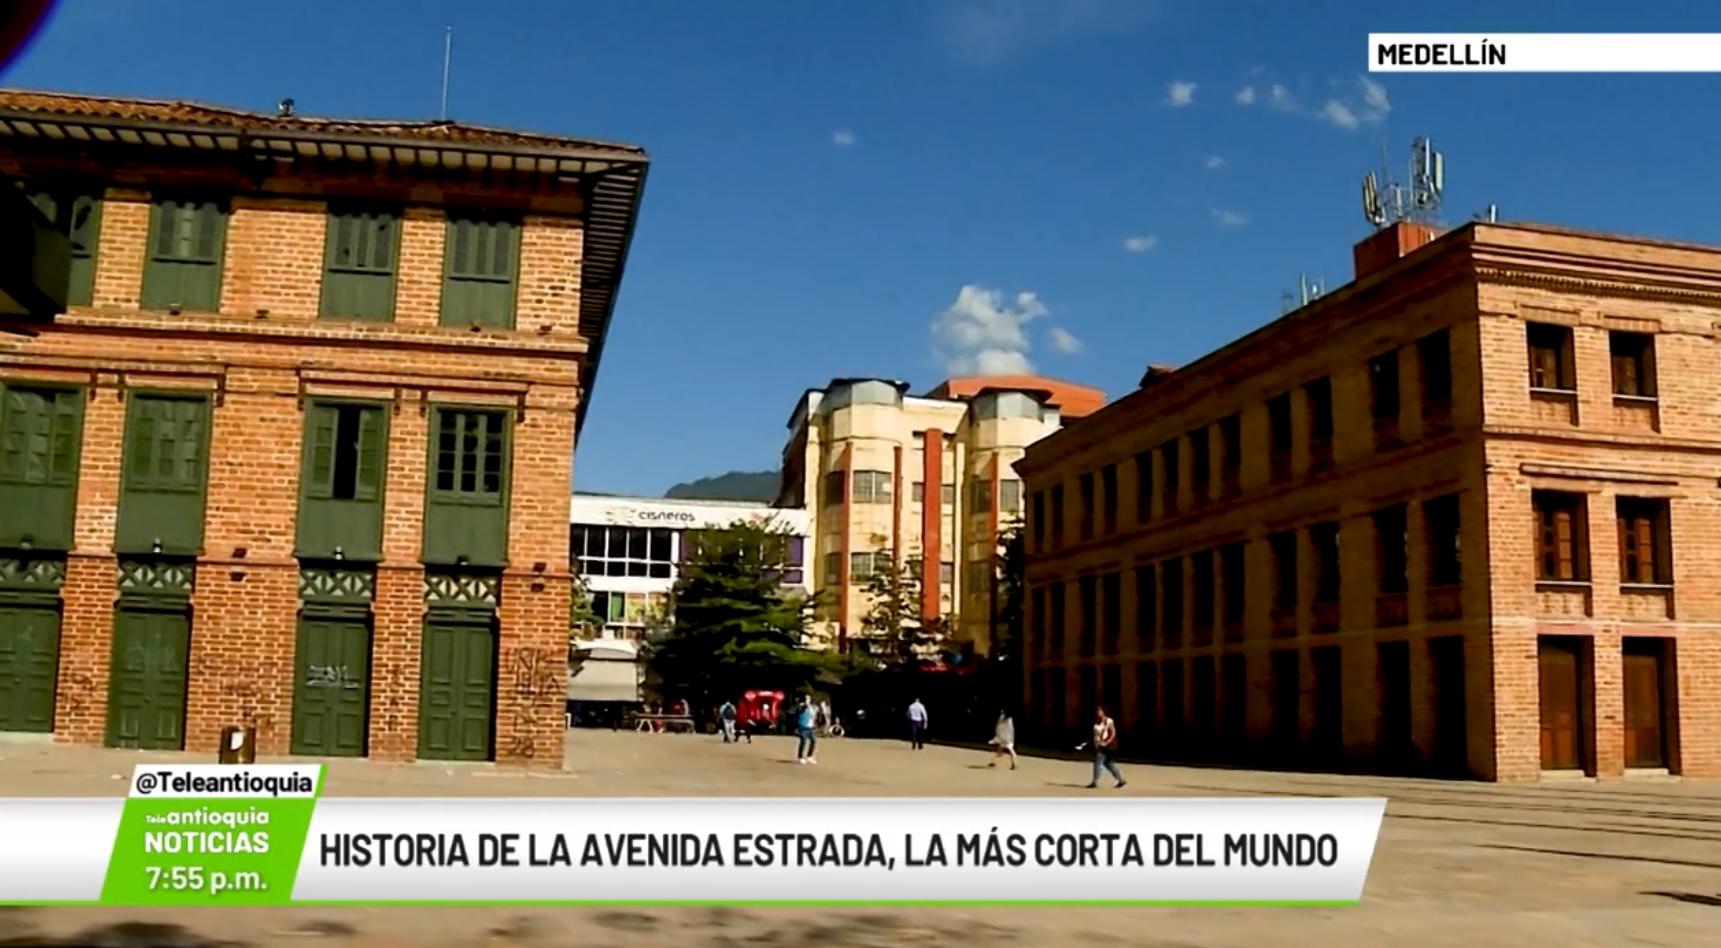 Historia de la Avenida Estrada, la más corta del mundo